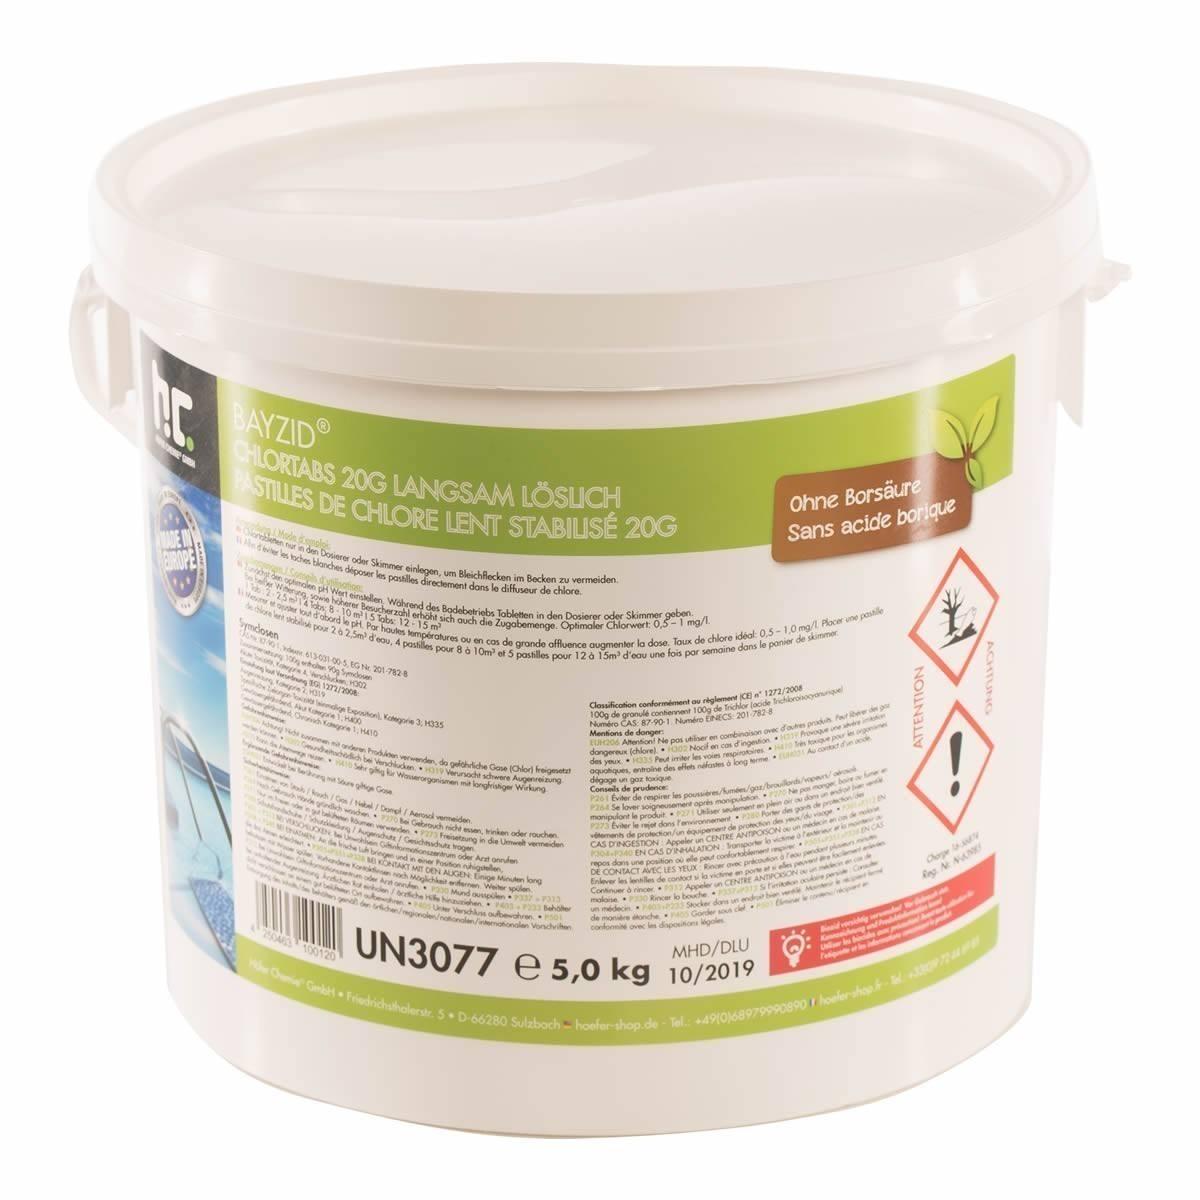 1 x 5 kg Chlortabs 20g langsam löslich